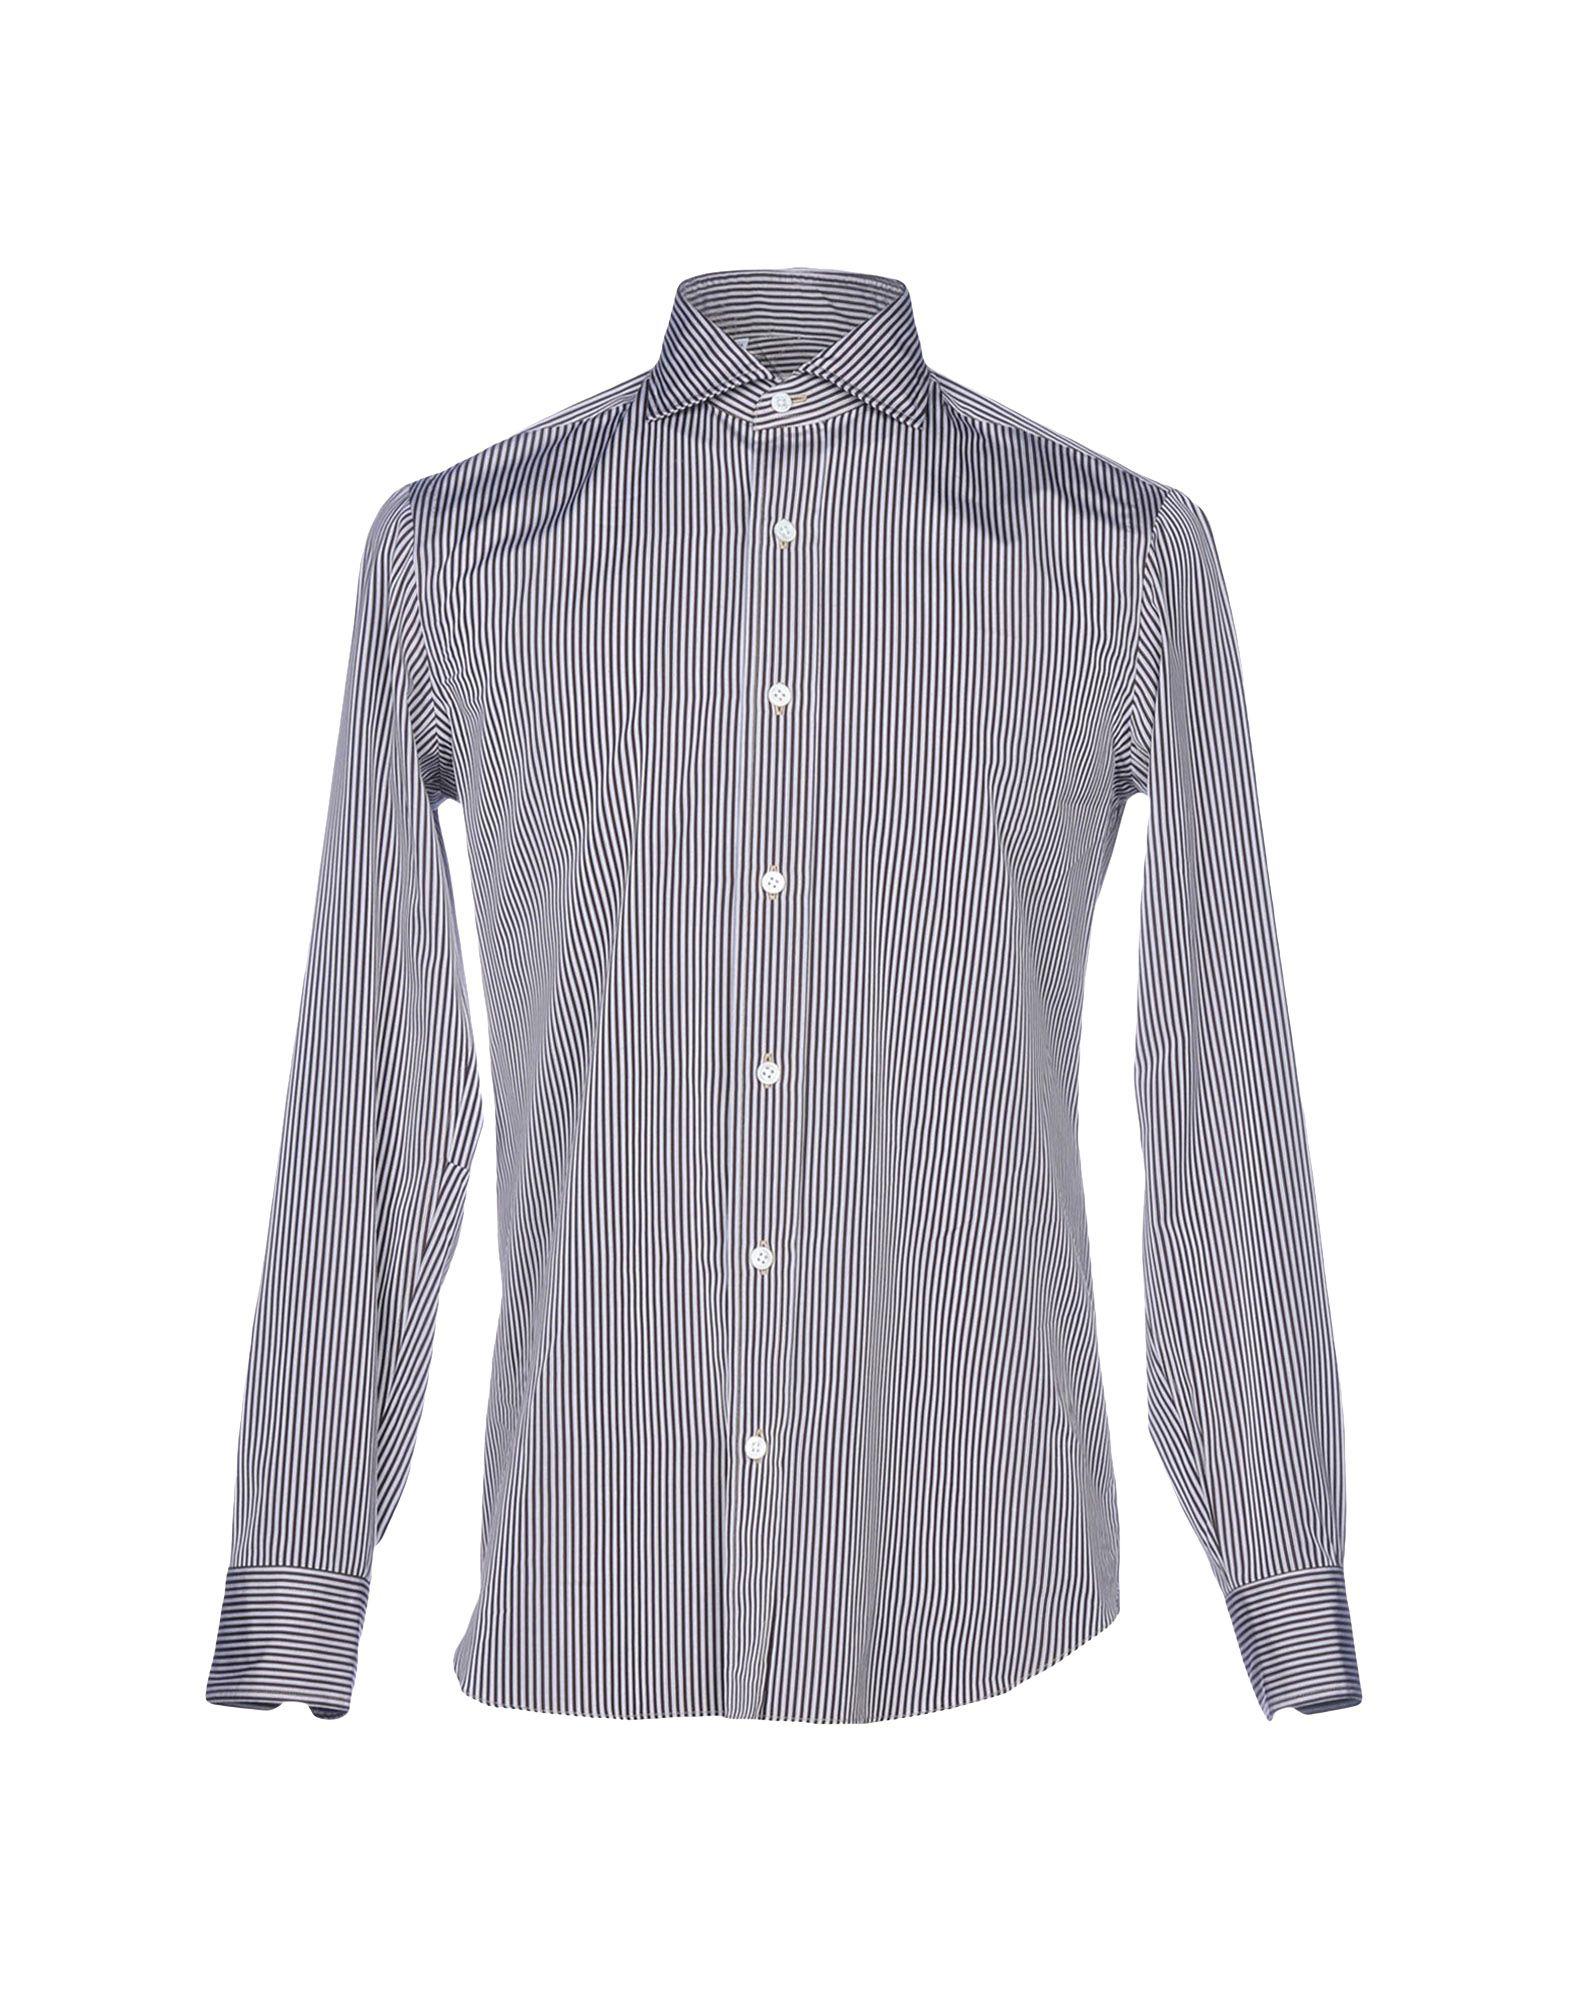 SALVATORE PICCOLO Striped Shirt in Dark Brown